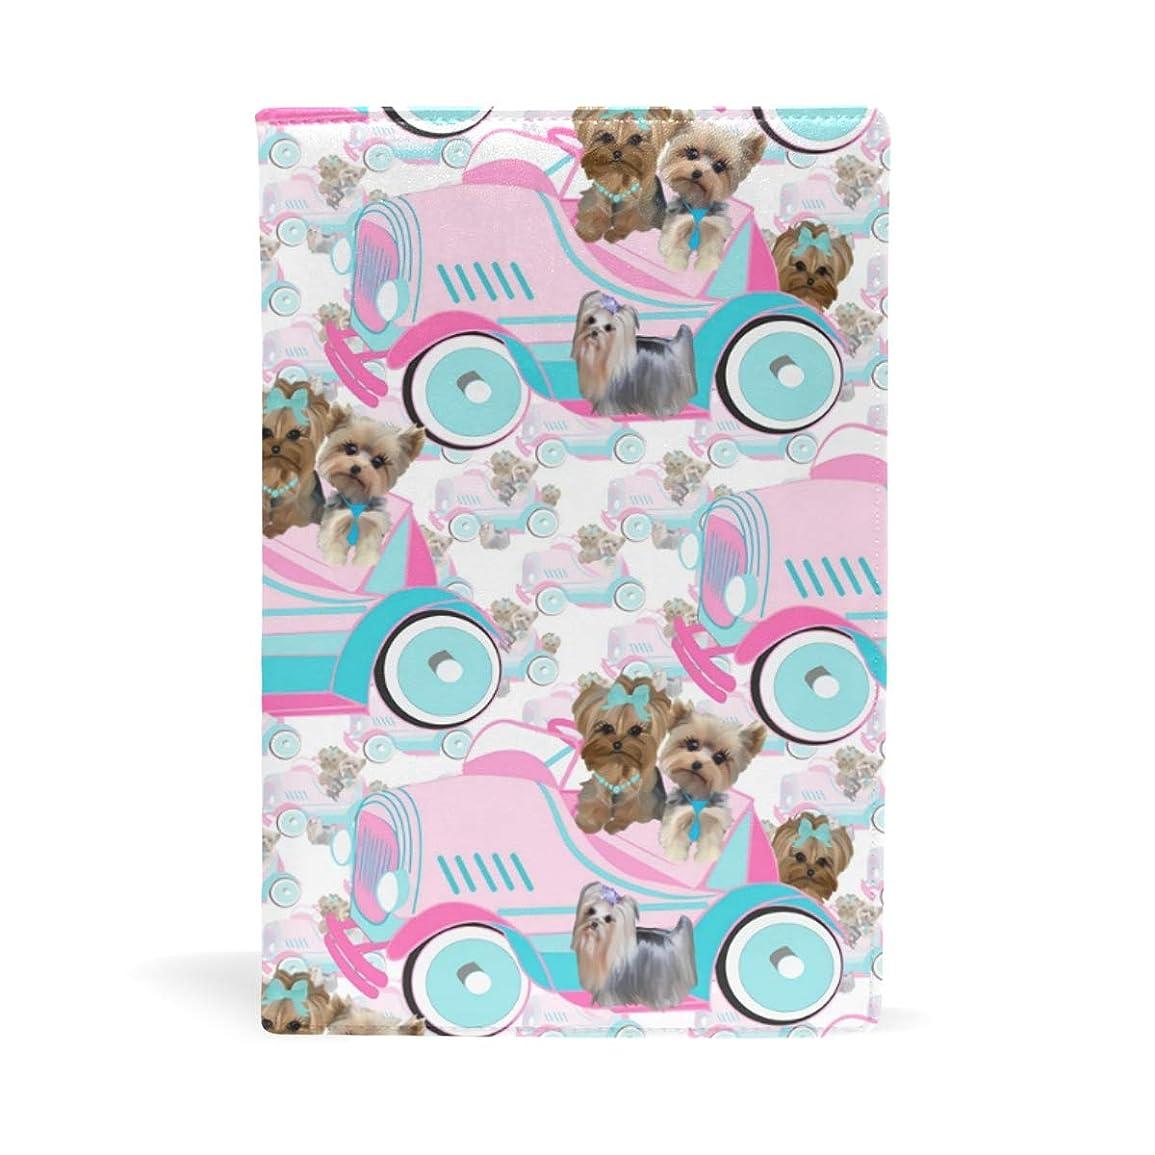 ためにメドレー凍結ヨークシャーテリア ピンクの車 ブックカバー 文庫 a5 皮革 おしゃれ 文庫本カバー 資料 収納入れ オフィス用品 読書 雑貨 プレゼント耐久性に優れ